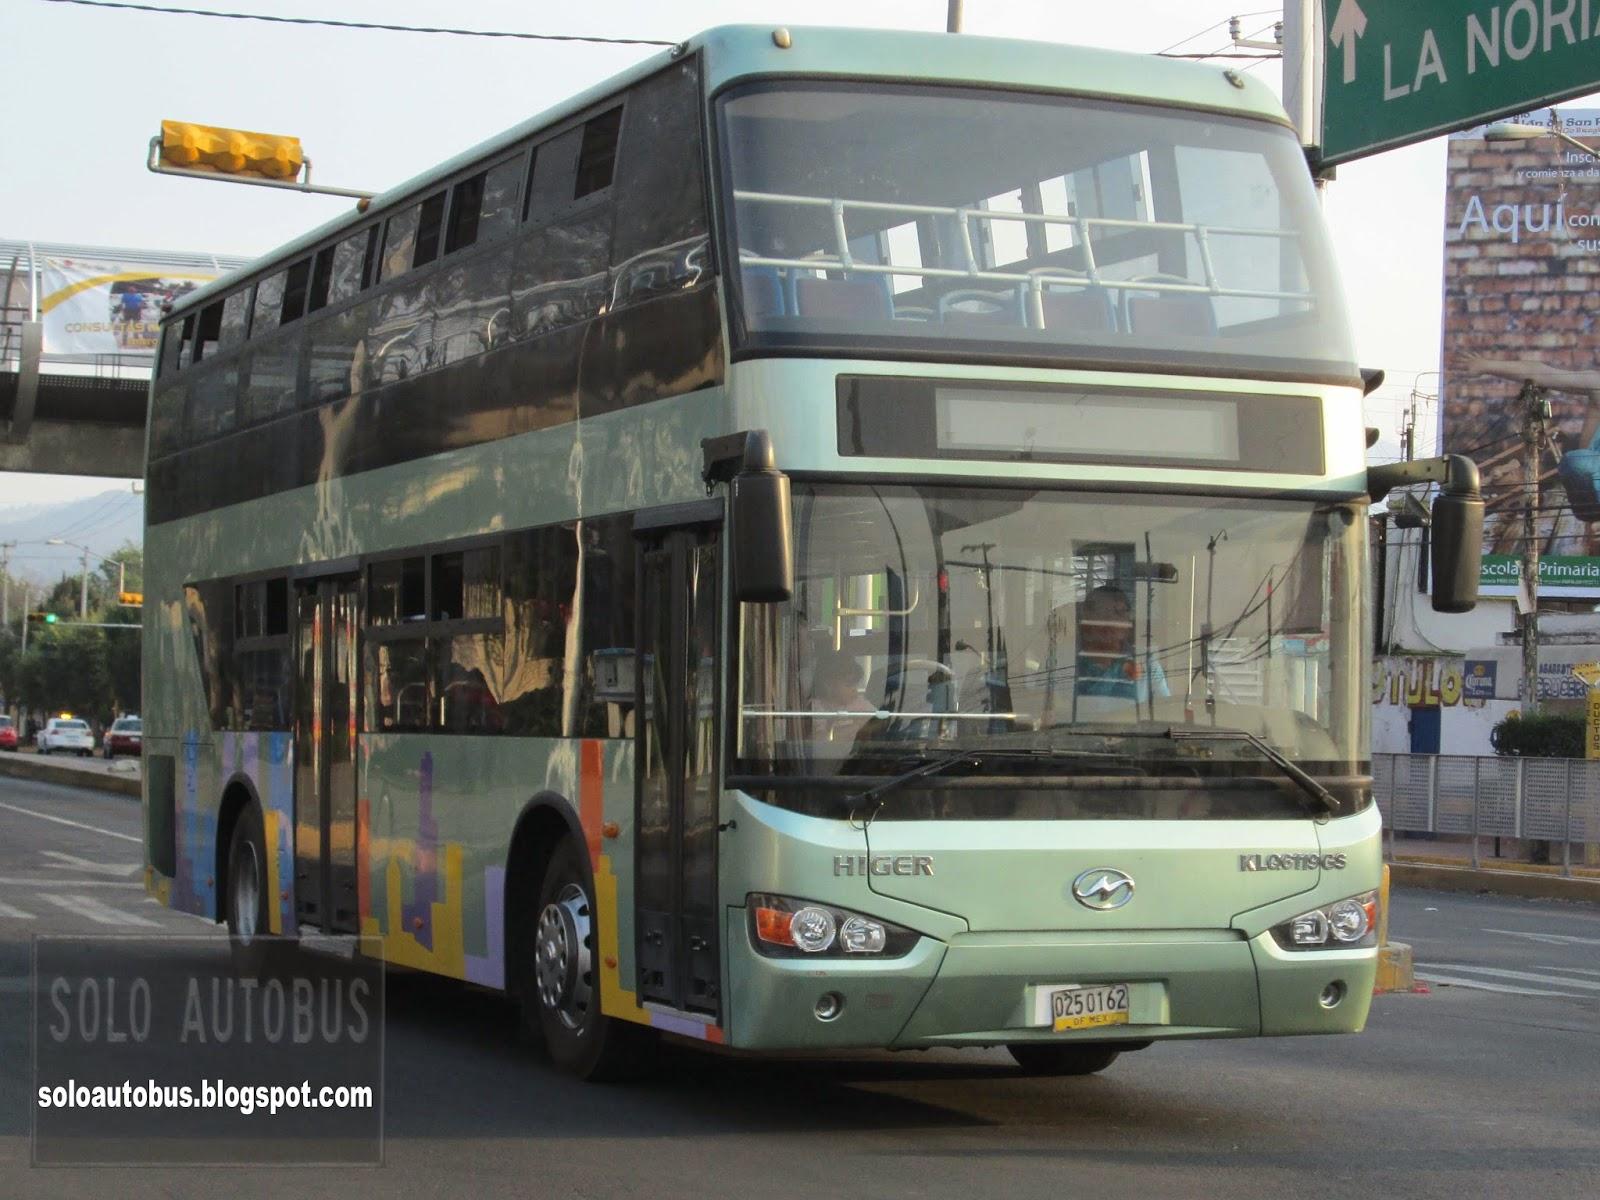 Soloautobus higer de dos pisos ruta 25 - Autobuses de dos pisos ...